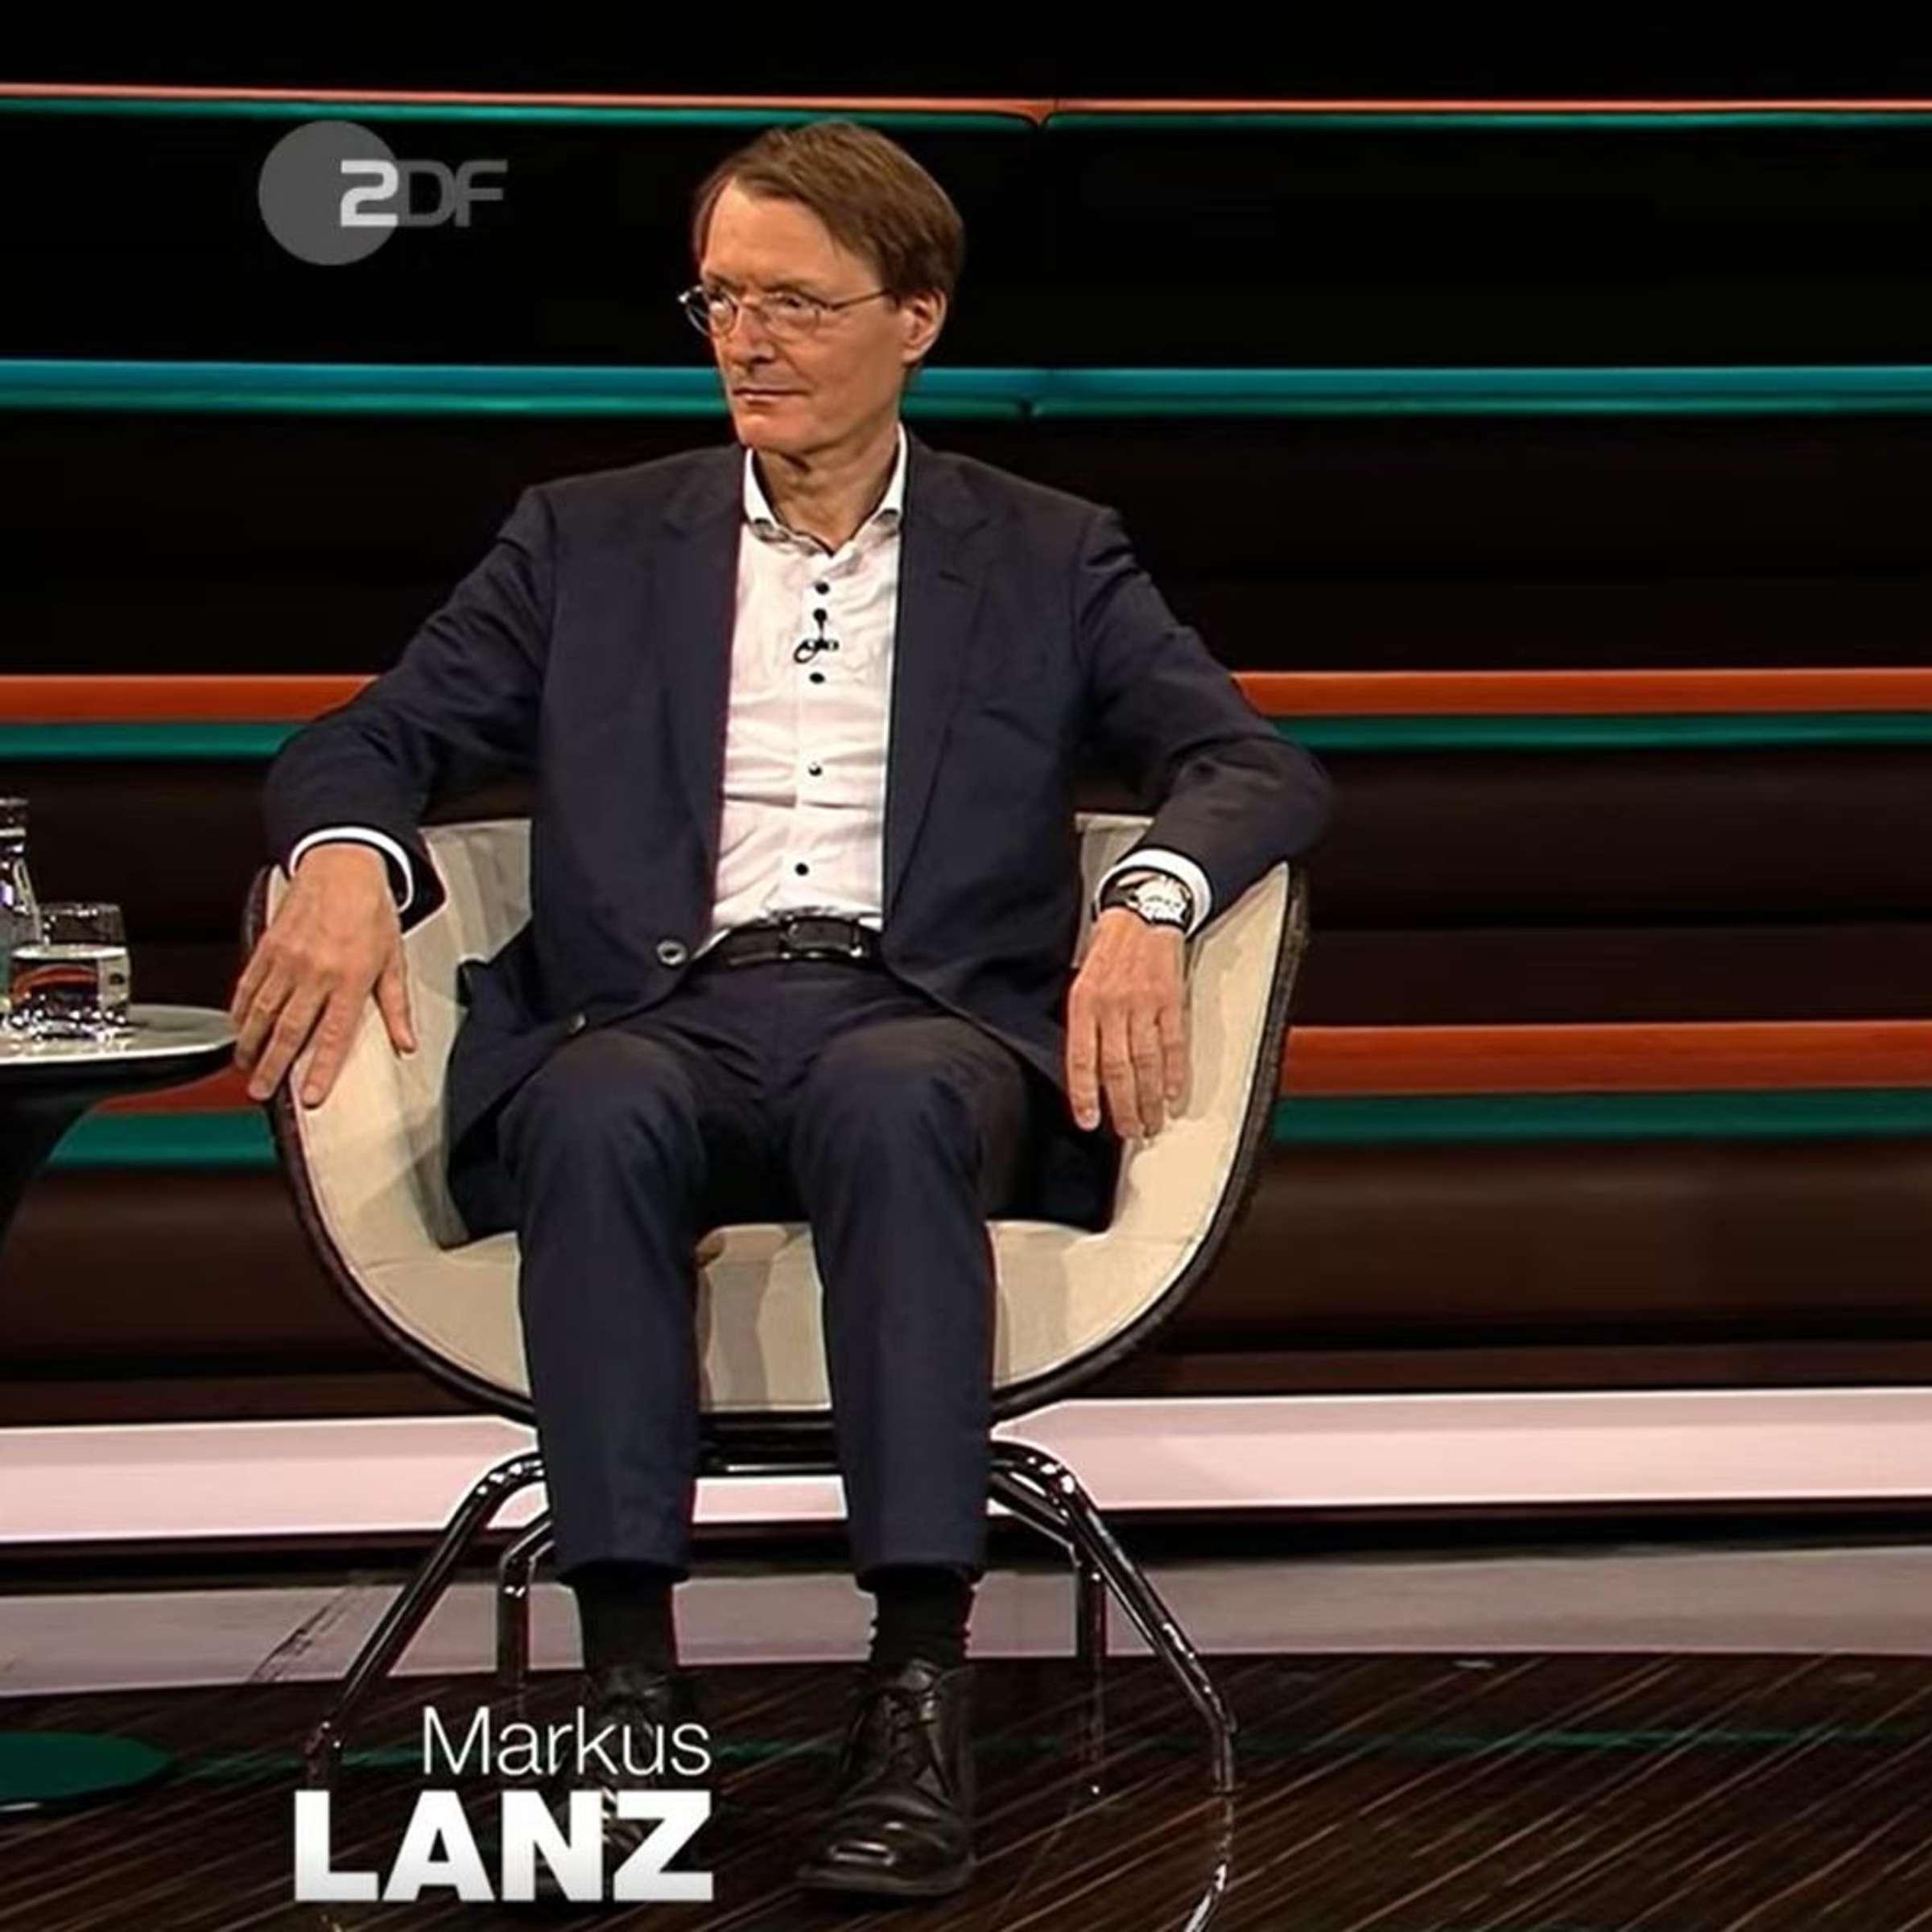 Markus Lanz Das Hatten Wir So Noch Nie Streit Hinter Den Kulissen Des Zdf Talks Politik